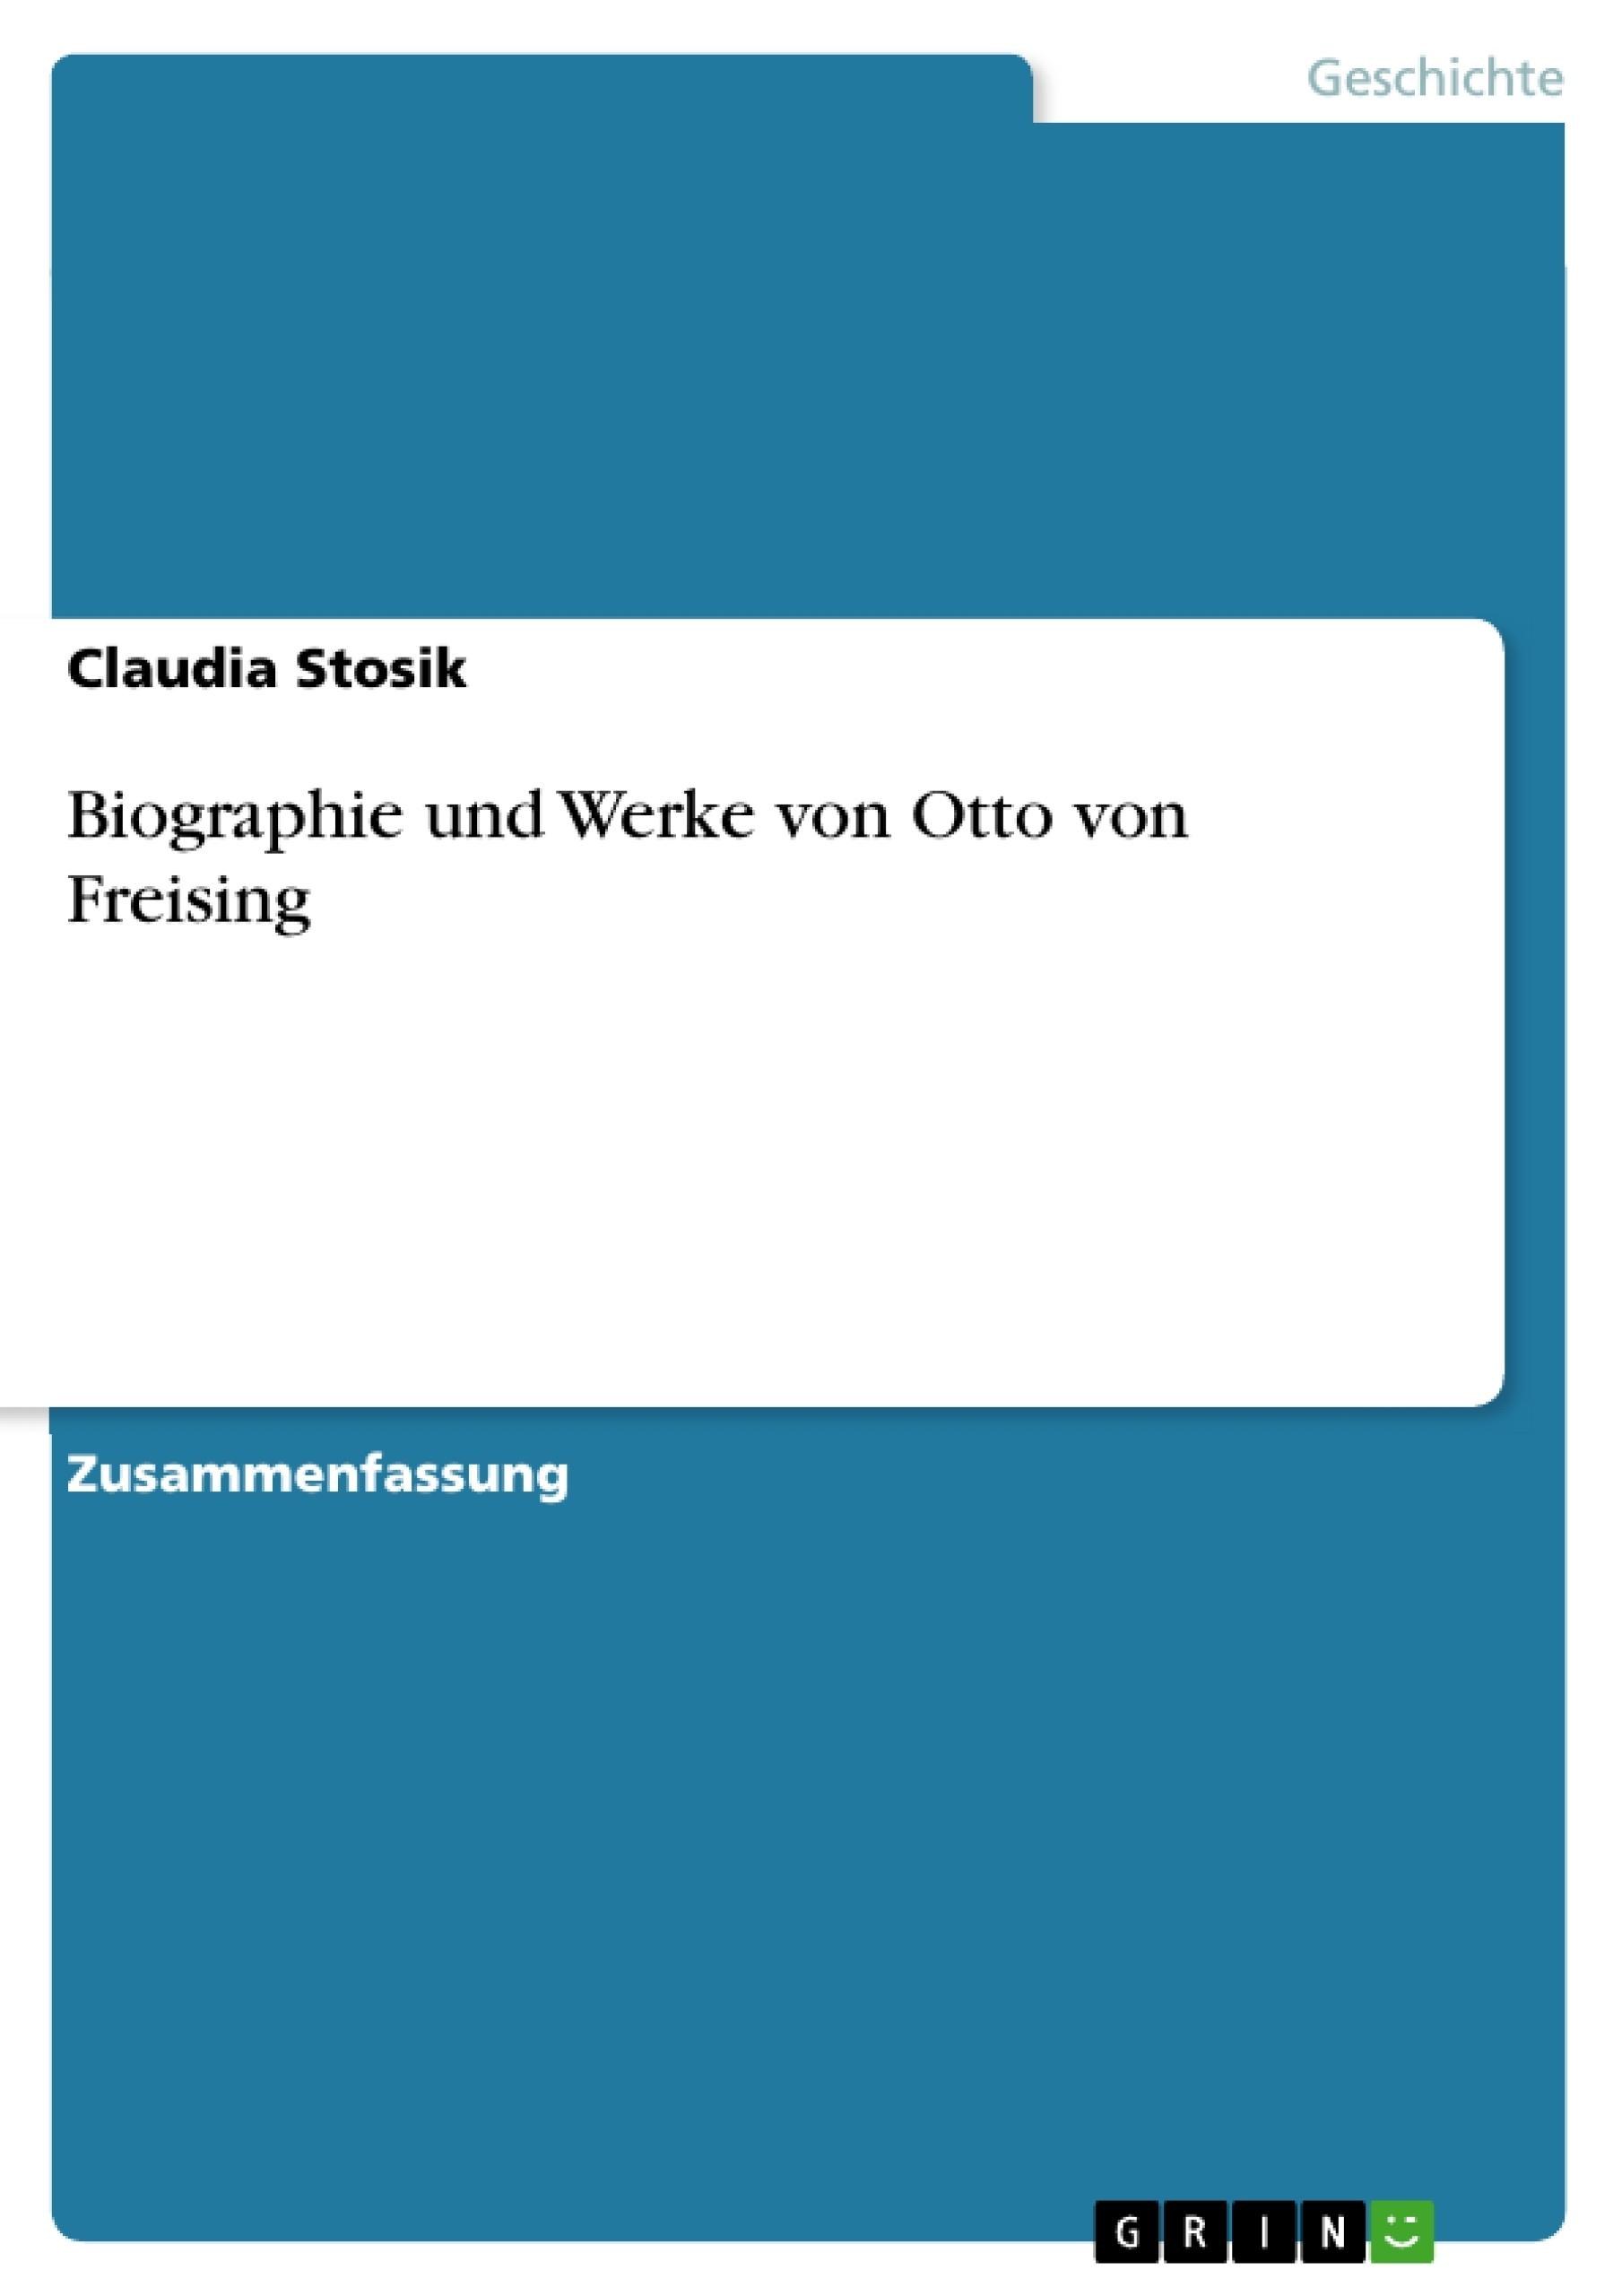 Titel: Biographie und Werke von Otto von Freising